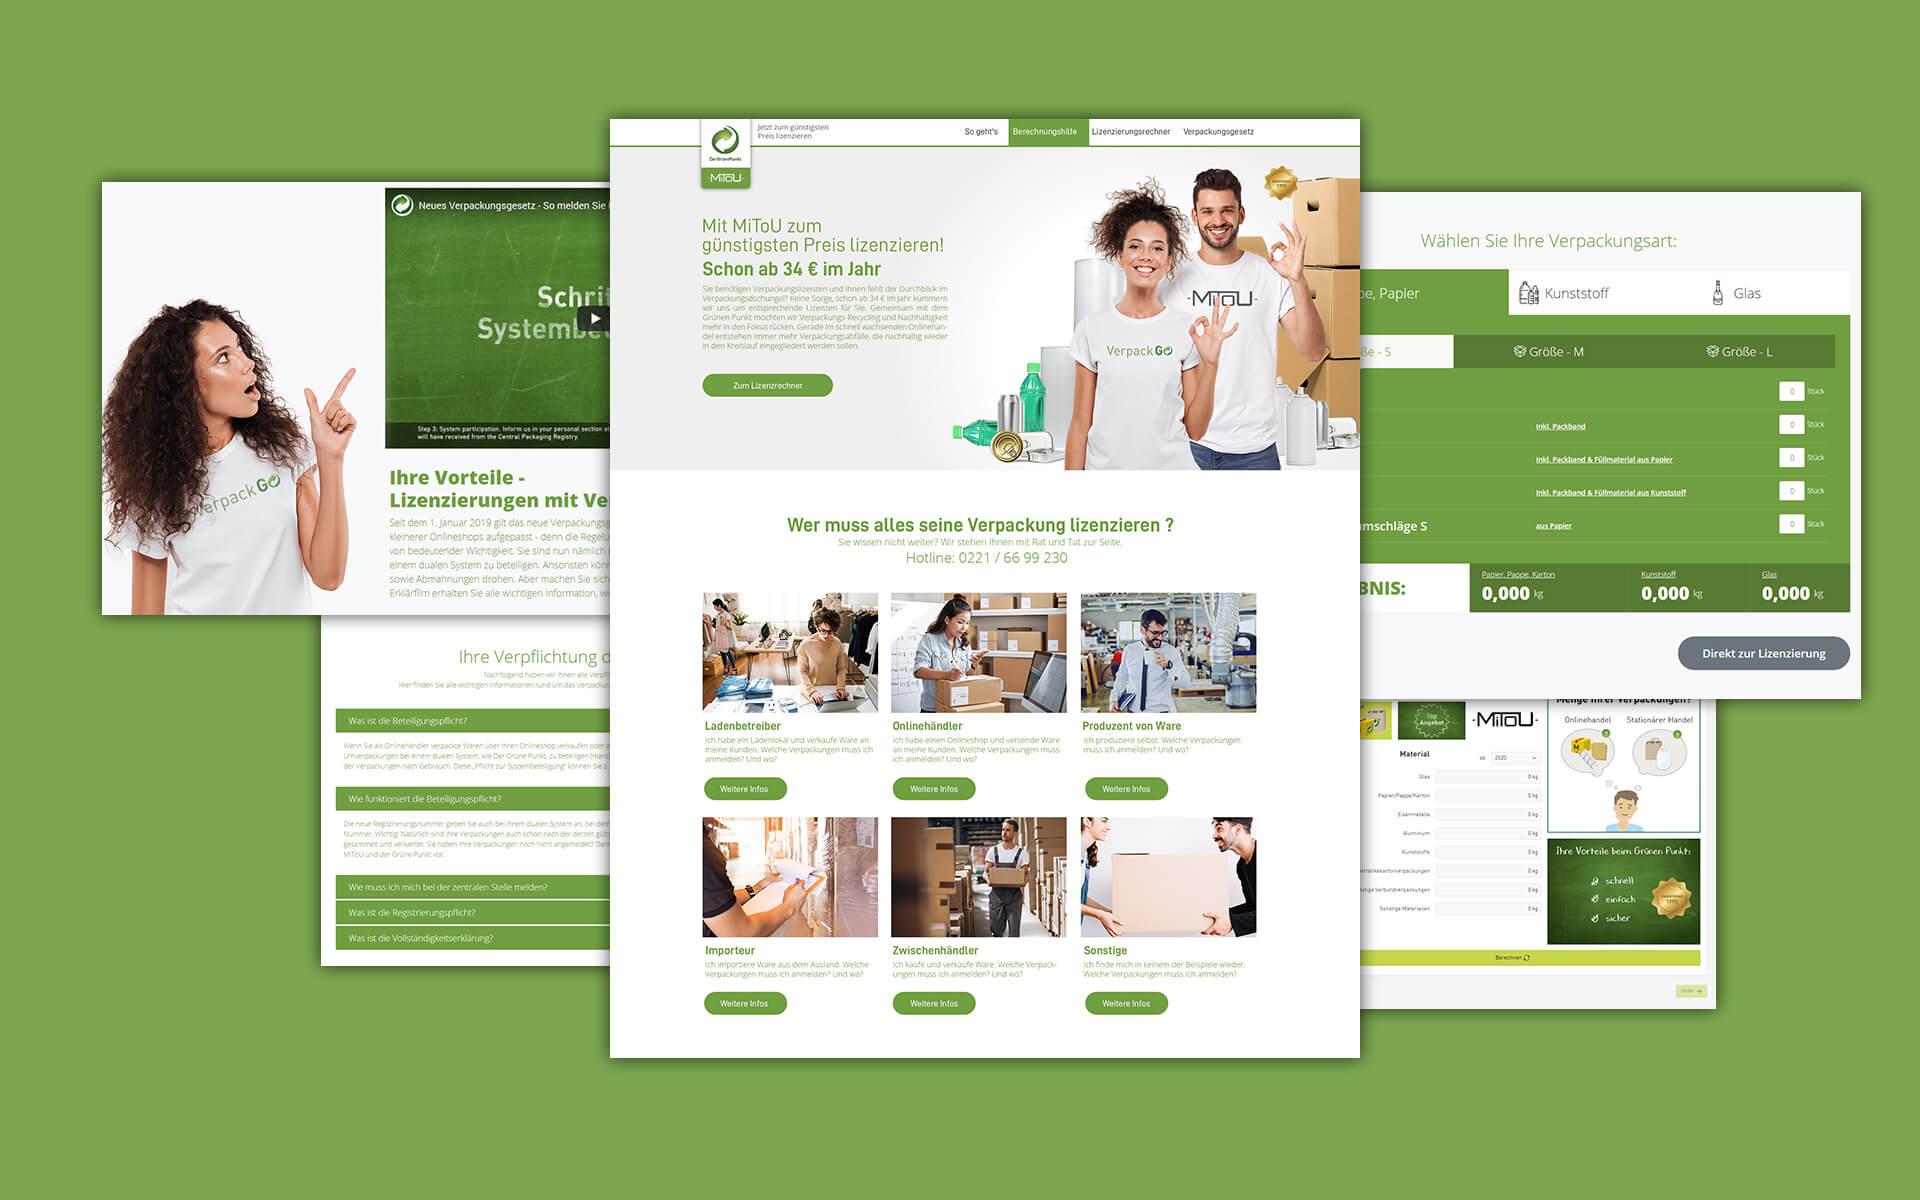 Layout und Logo der E-Commerce-Agentur: BS-Style GmbH. Darstellung der Desktop Ansicht des Grünen Punkt.